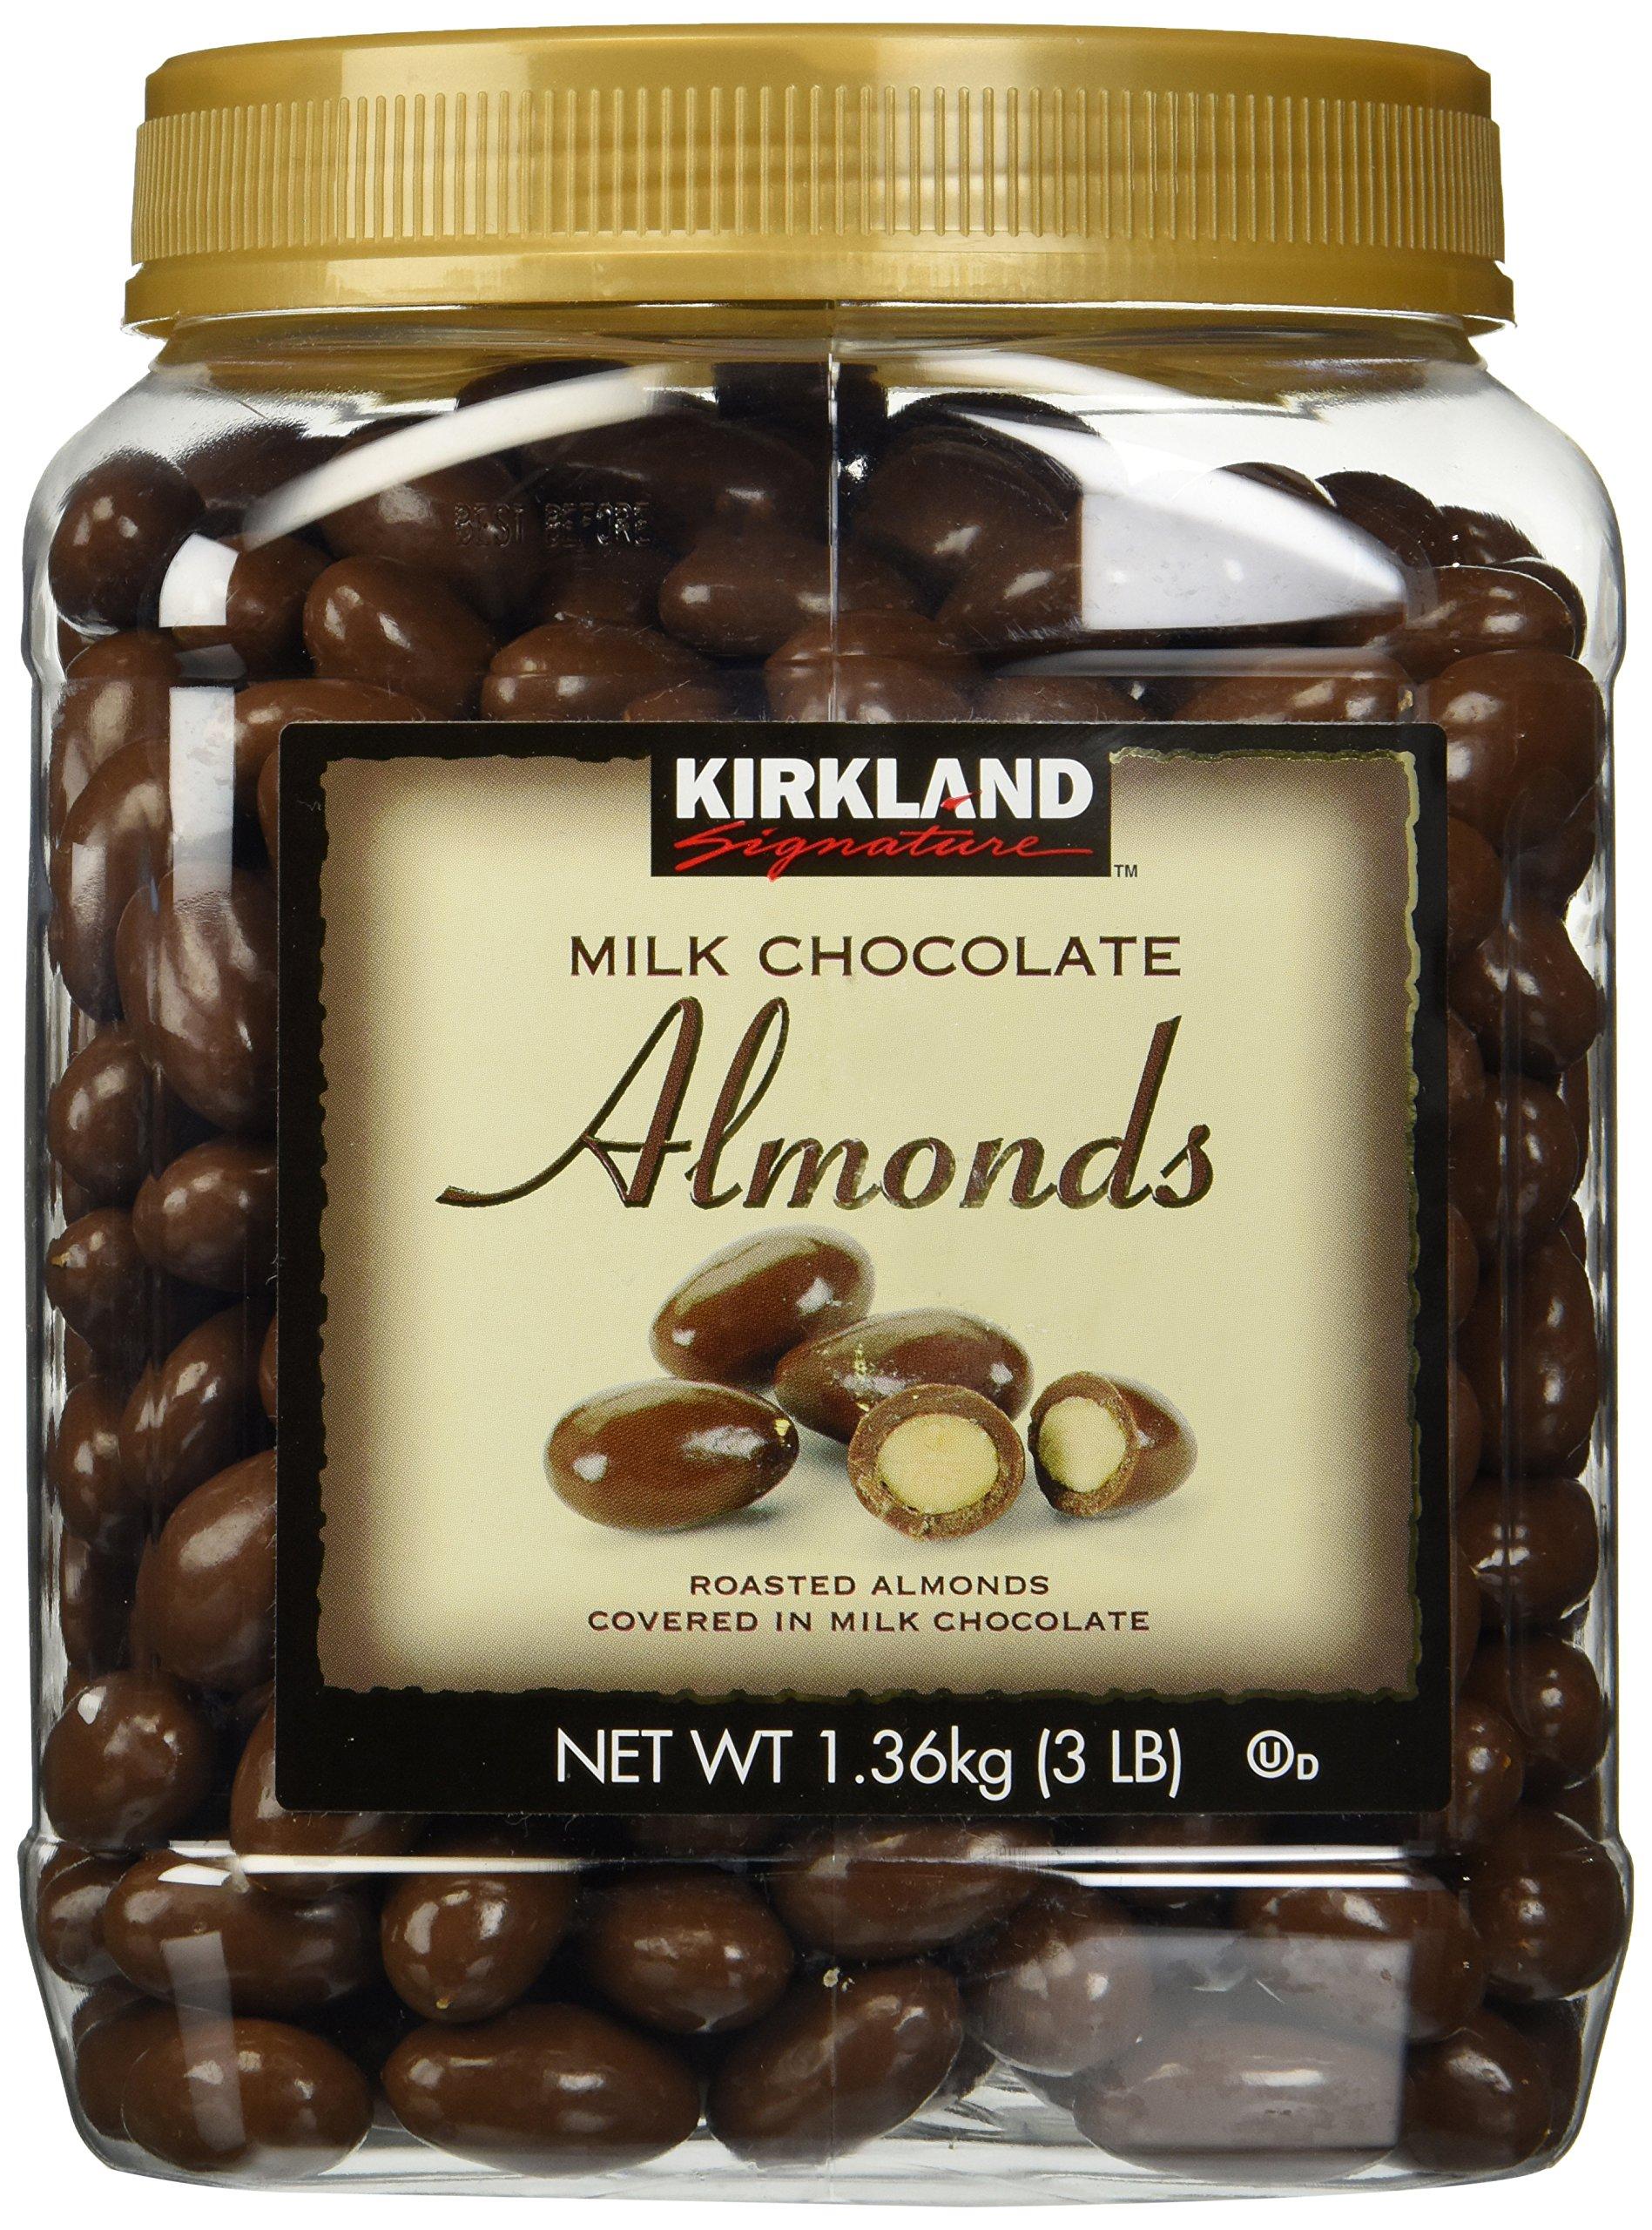 Kirkland Signature Milk Chocolate Roasted Almonds 3 LBS (48 Oz) JAR